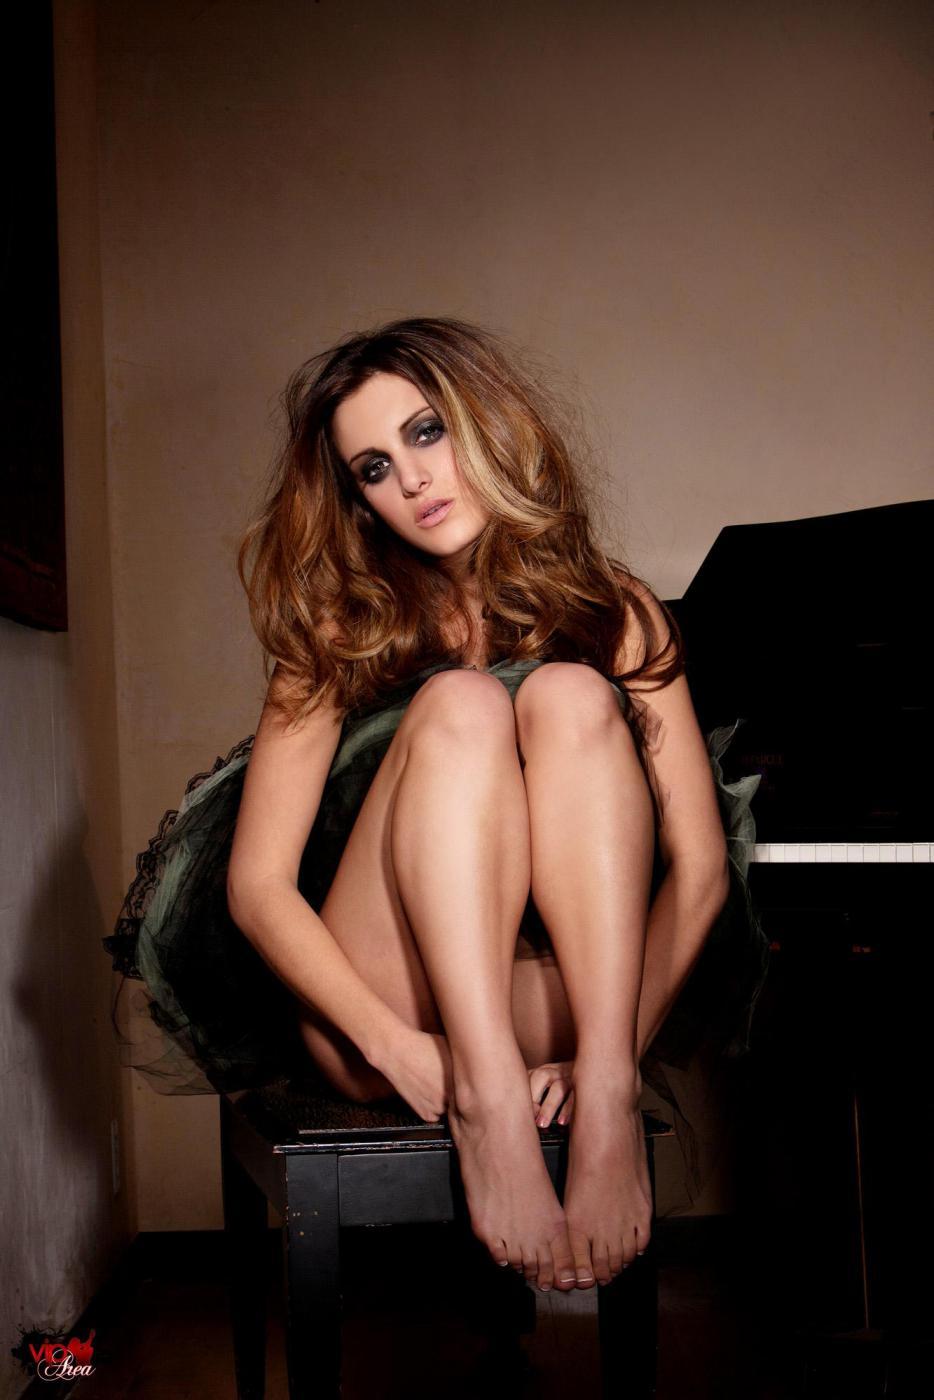 Пышногрудая и элегантная детка Andie Valentino позирует на рояле голой и готовой ко всему